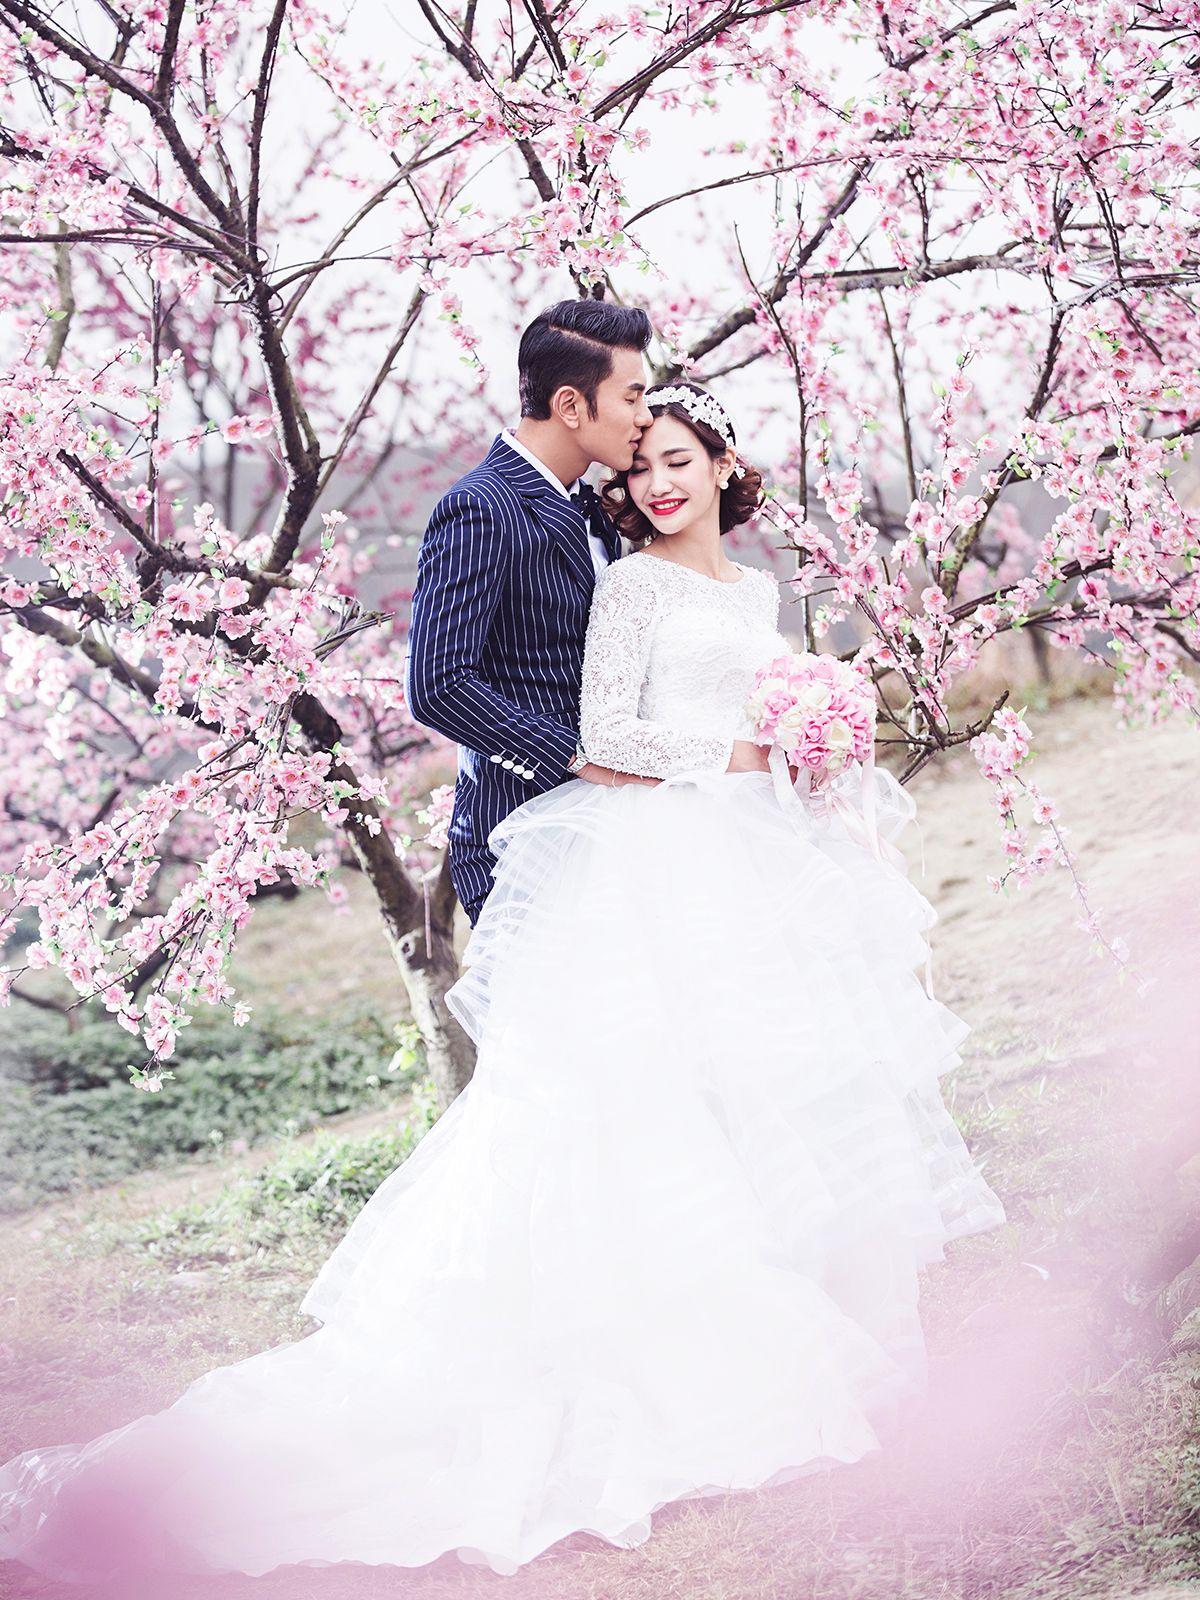 仓山区 红坊海峡创意产业园 简爱婚纱摄影工作室   10寸精美皮雕一幅